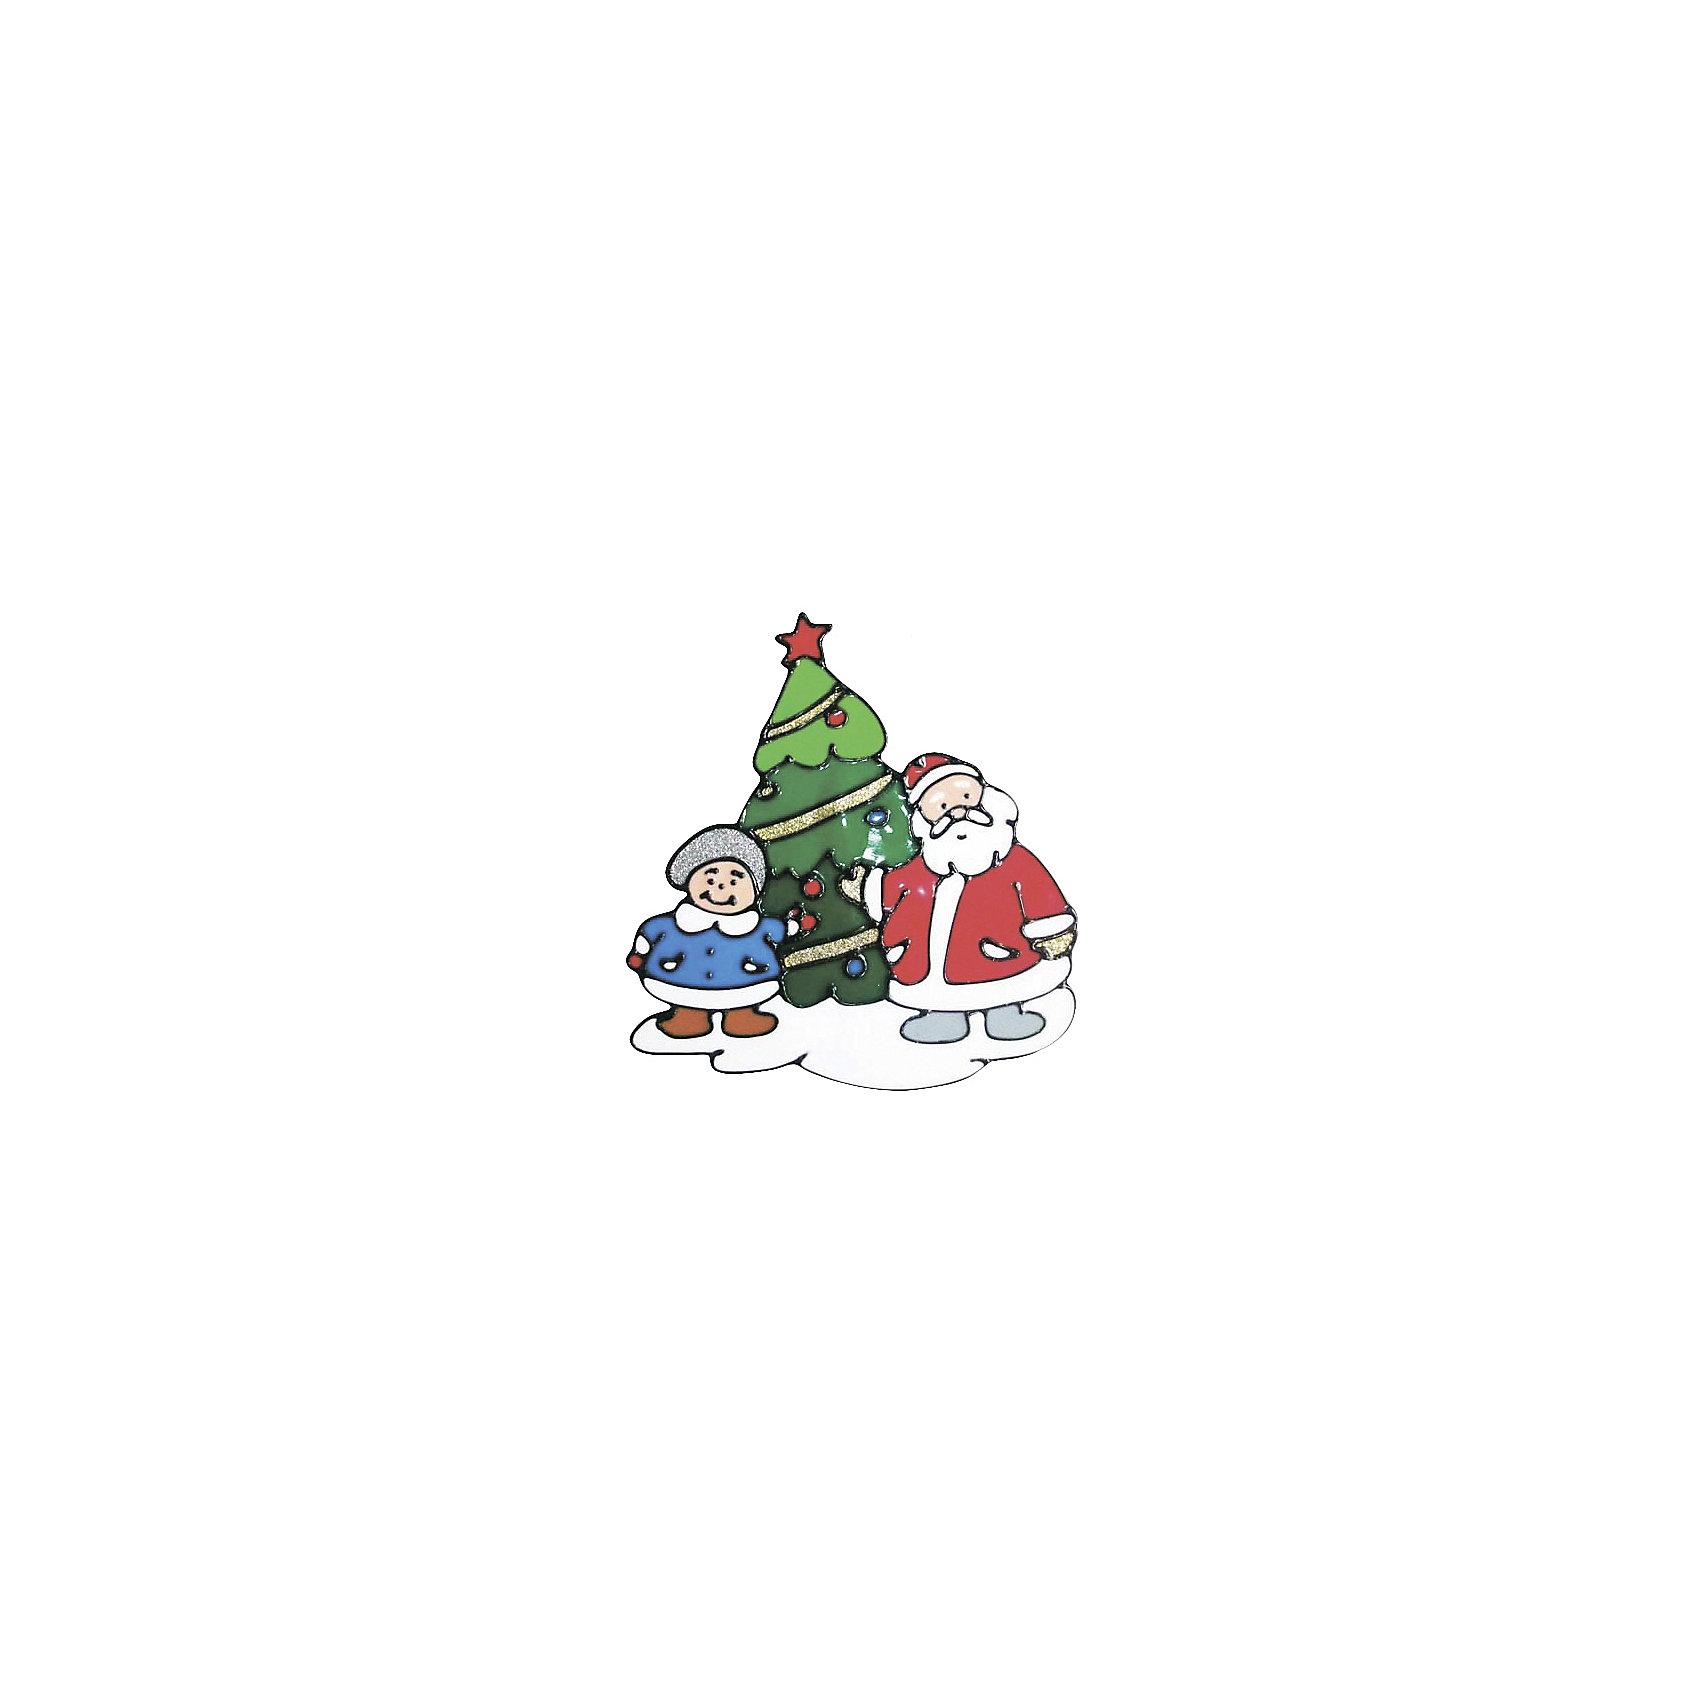 Наклейка на окно 25 см, в ассортиментеНаклейка на окно, Волшебная страна, замечательно украсит Ваш интерьер и создаст праздничное новогоднее настроение. В ассортименте представлены 2 варианта дизайна наклеек с новогодней тематикой.<br><br>Дополнительная информация:<br><br>- Размер наклейки: 25 см.<br>- Вес: 52 гр. <br><br>Наклейку на окно, Волшебная страна, можно купить в нашем интернет-магазине.<br><br>ВНИМАНИЕ! Данный артикул имеется в наличии в разных вариантах исполнения. Заранее выбрать определенный вариант нельзя. При заказе нескольких наклеек возможно получение одинаковых.<br><br>Ширина мм: 300<br>Глубина мм: 1<br>Высота мм: 260<br>Вес г: 52<br>Возраст от месяцев: 36<br>Возраст до месяцев: 2147483647<br>Пол: Унисекс<br>Возраст: Детский<br>SKU: 4288626